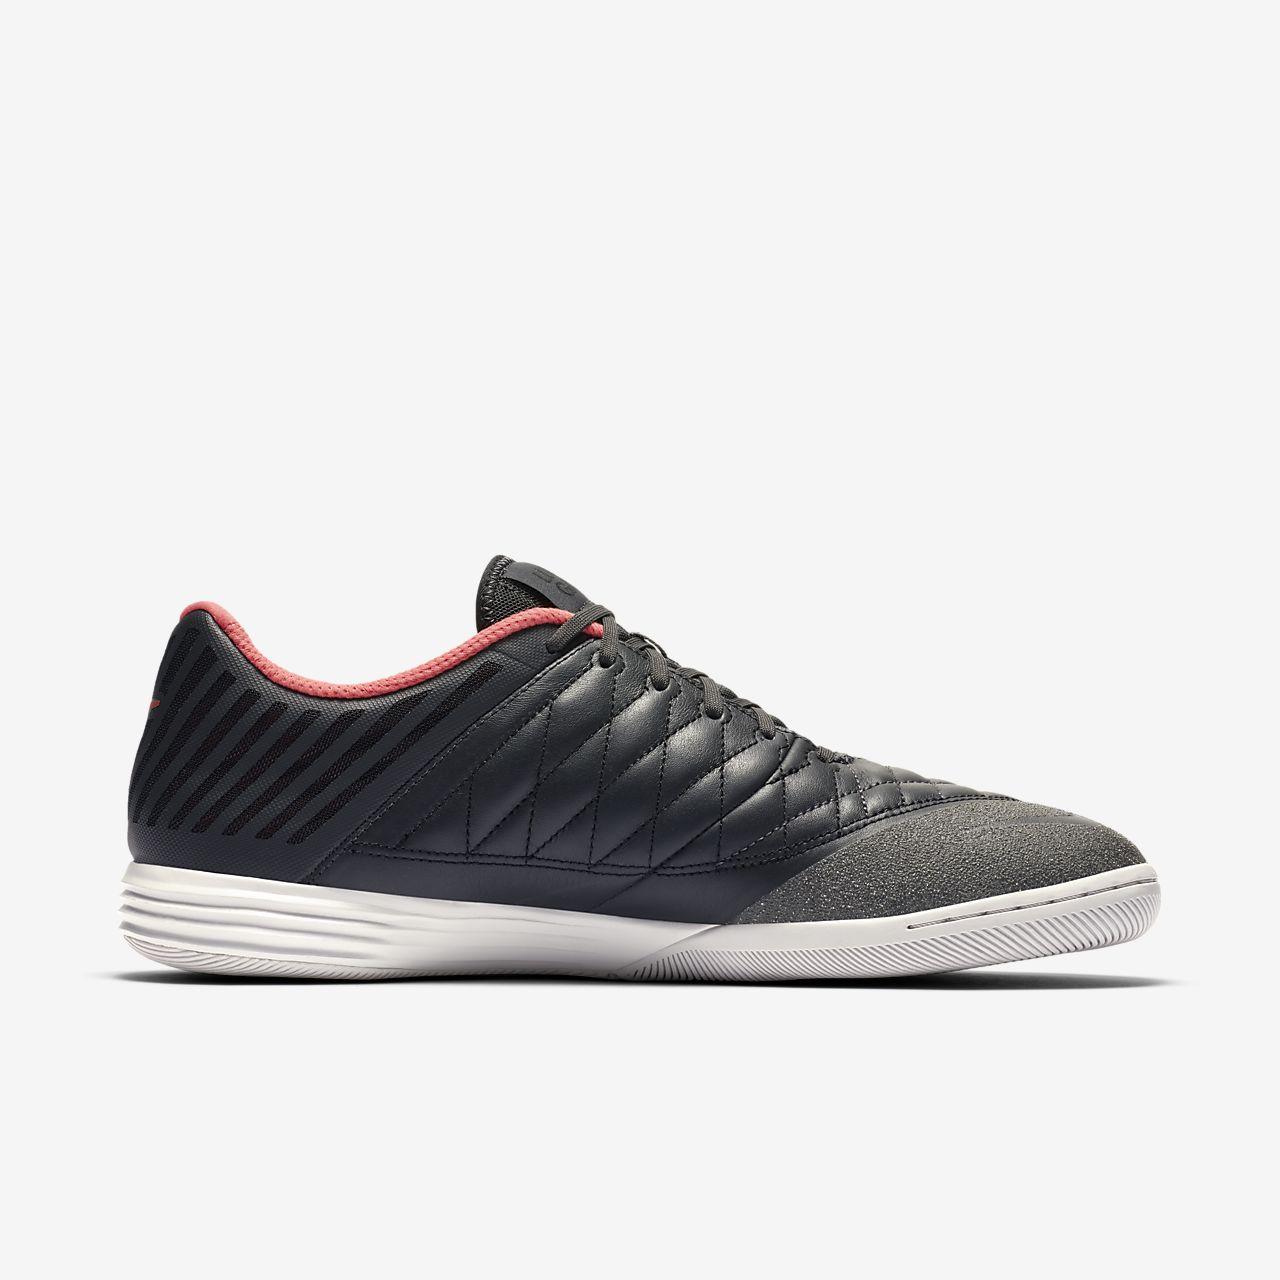 size 40 58a4e d6915 ... FC247 LunarGato II Soccer Shoe